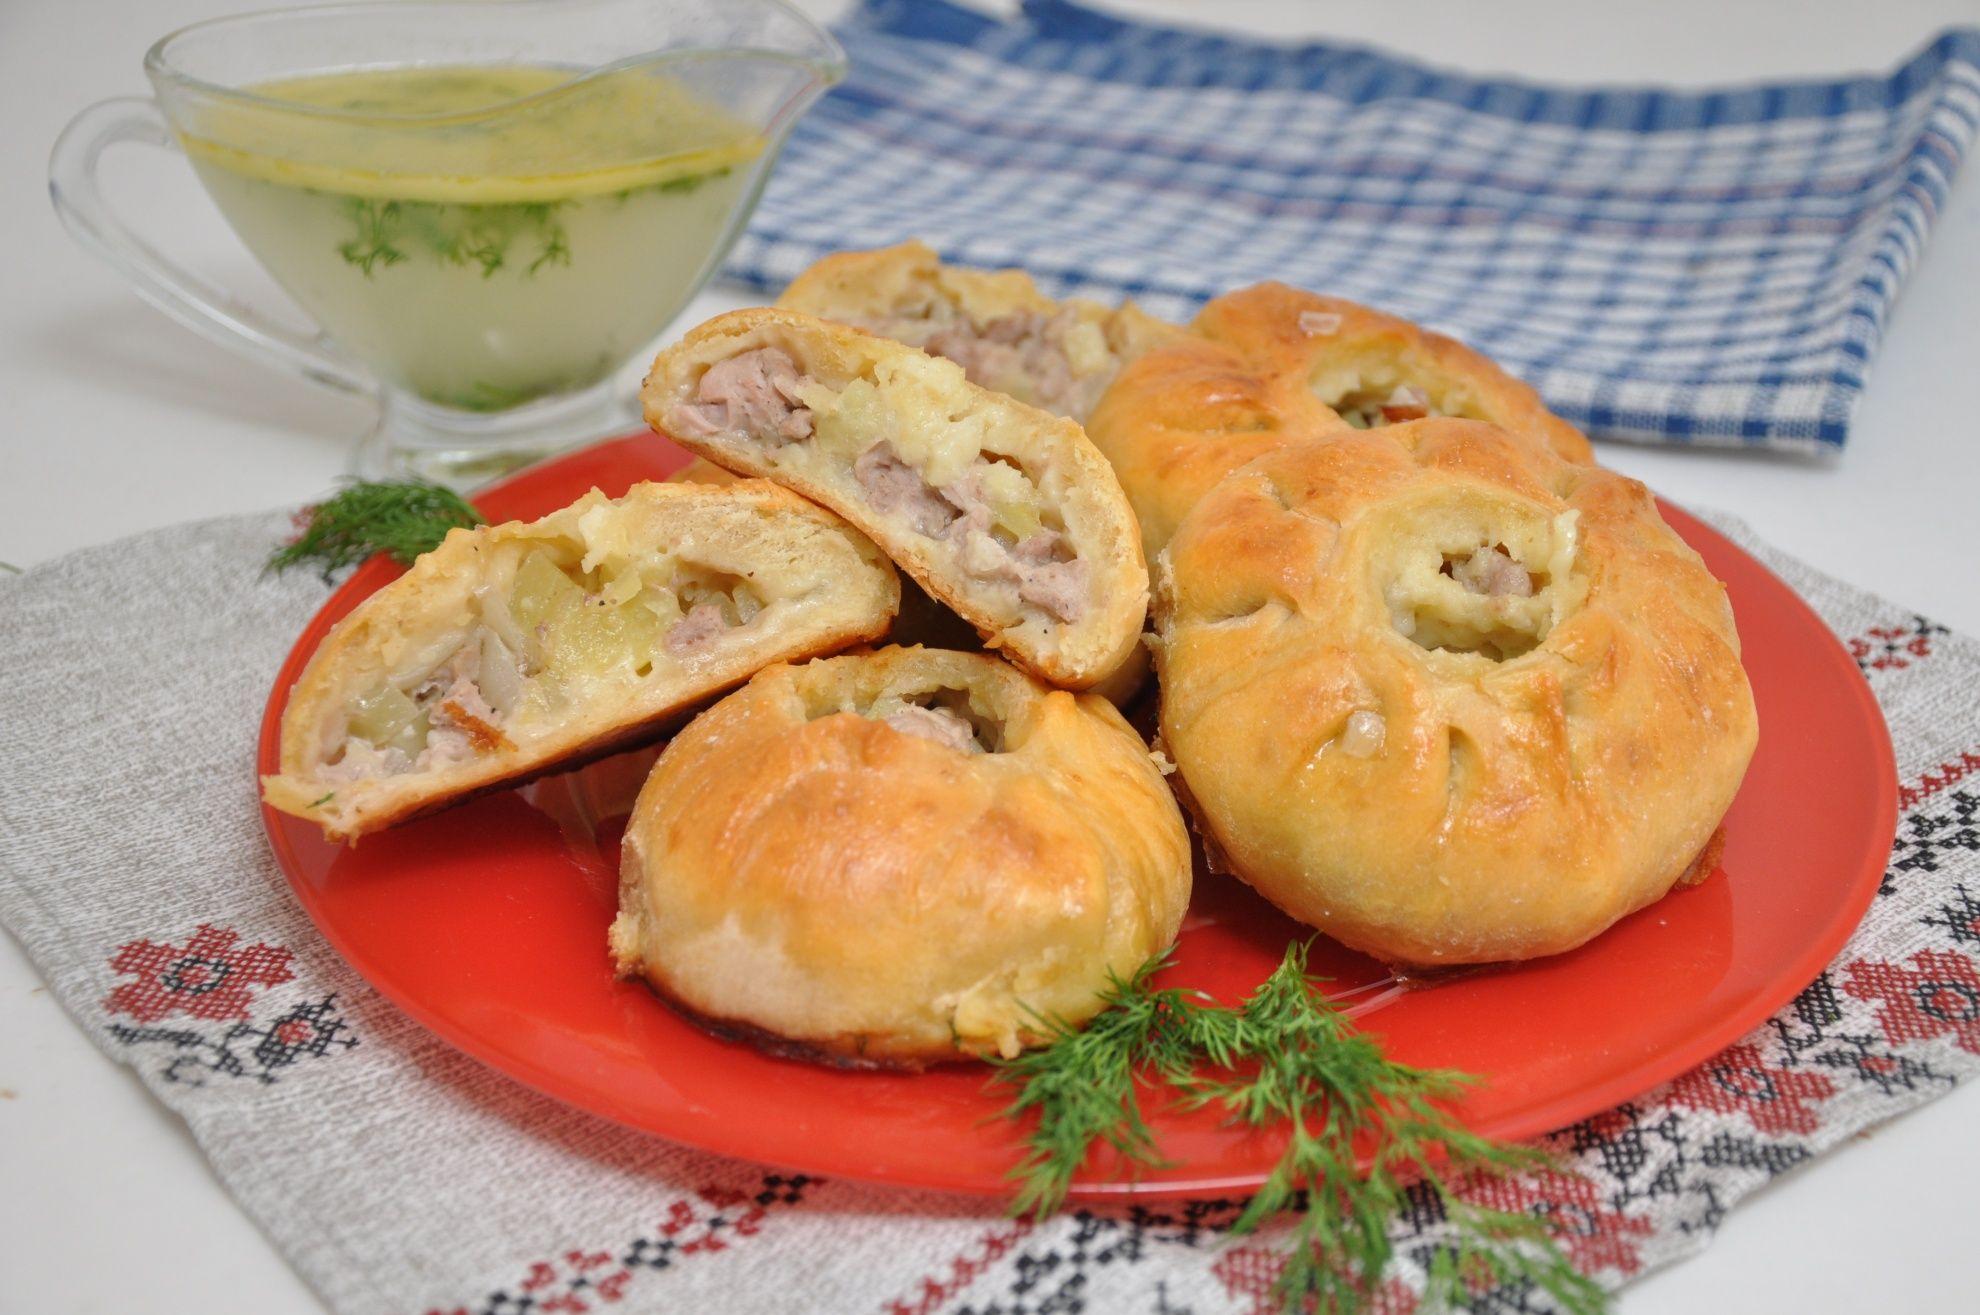 беляш татарское блюдо рецепт с фото пошагово могут